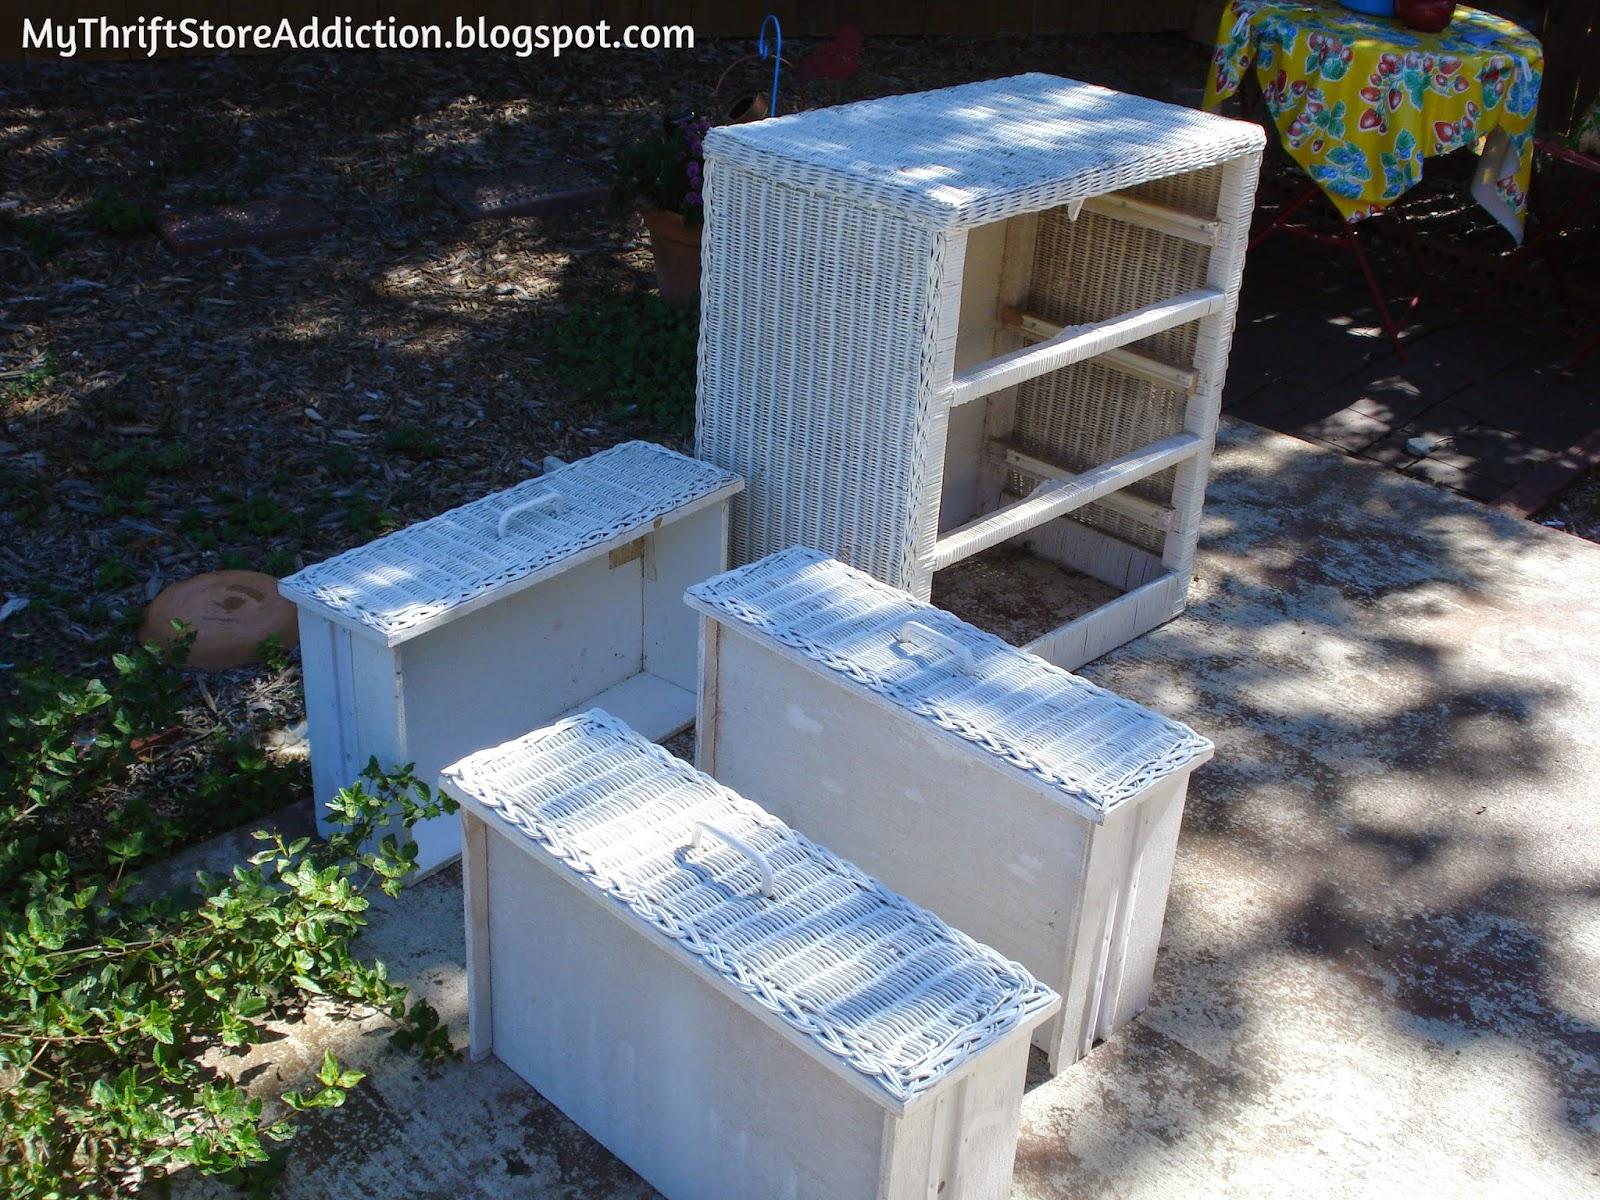 $5 Yard Sale Wicker Dresser